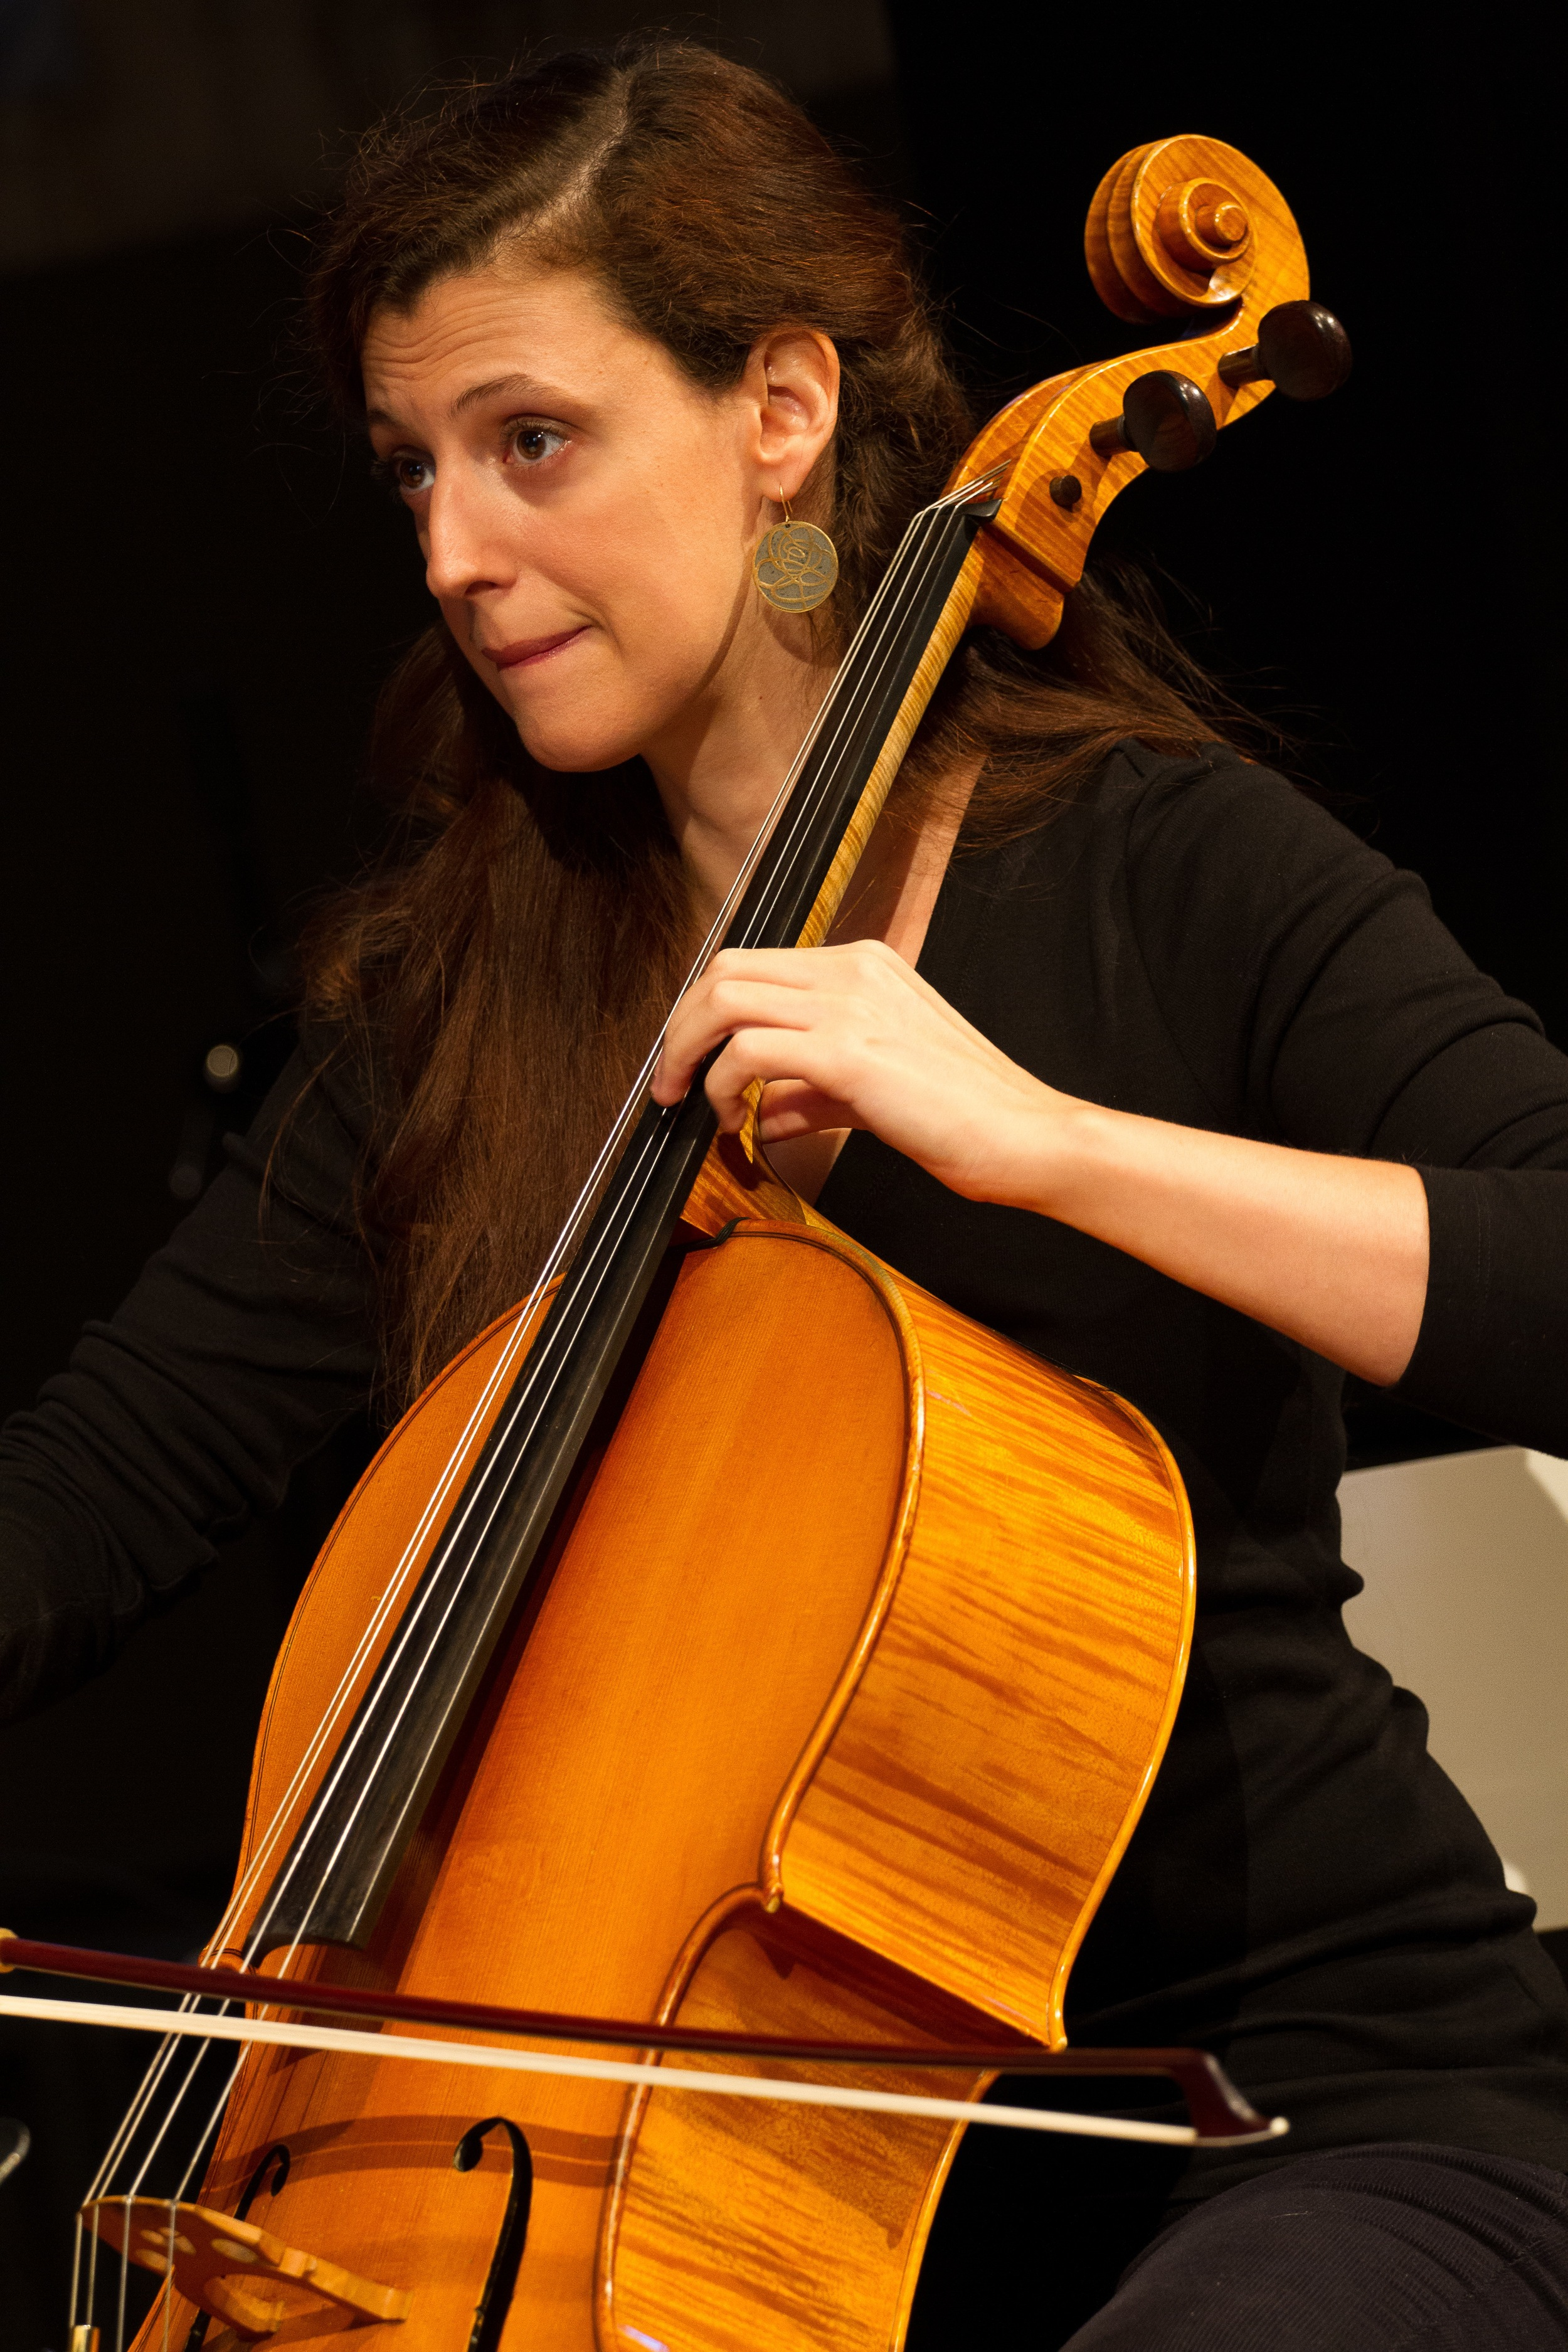 Valentina Takova